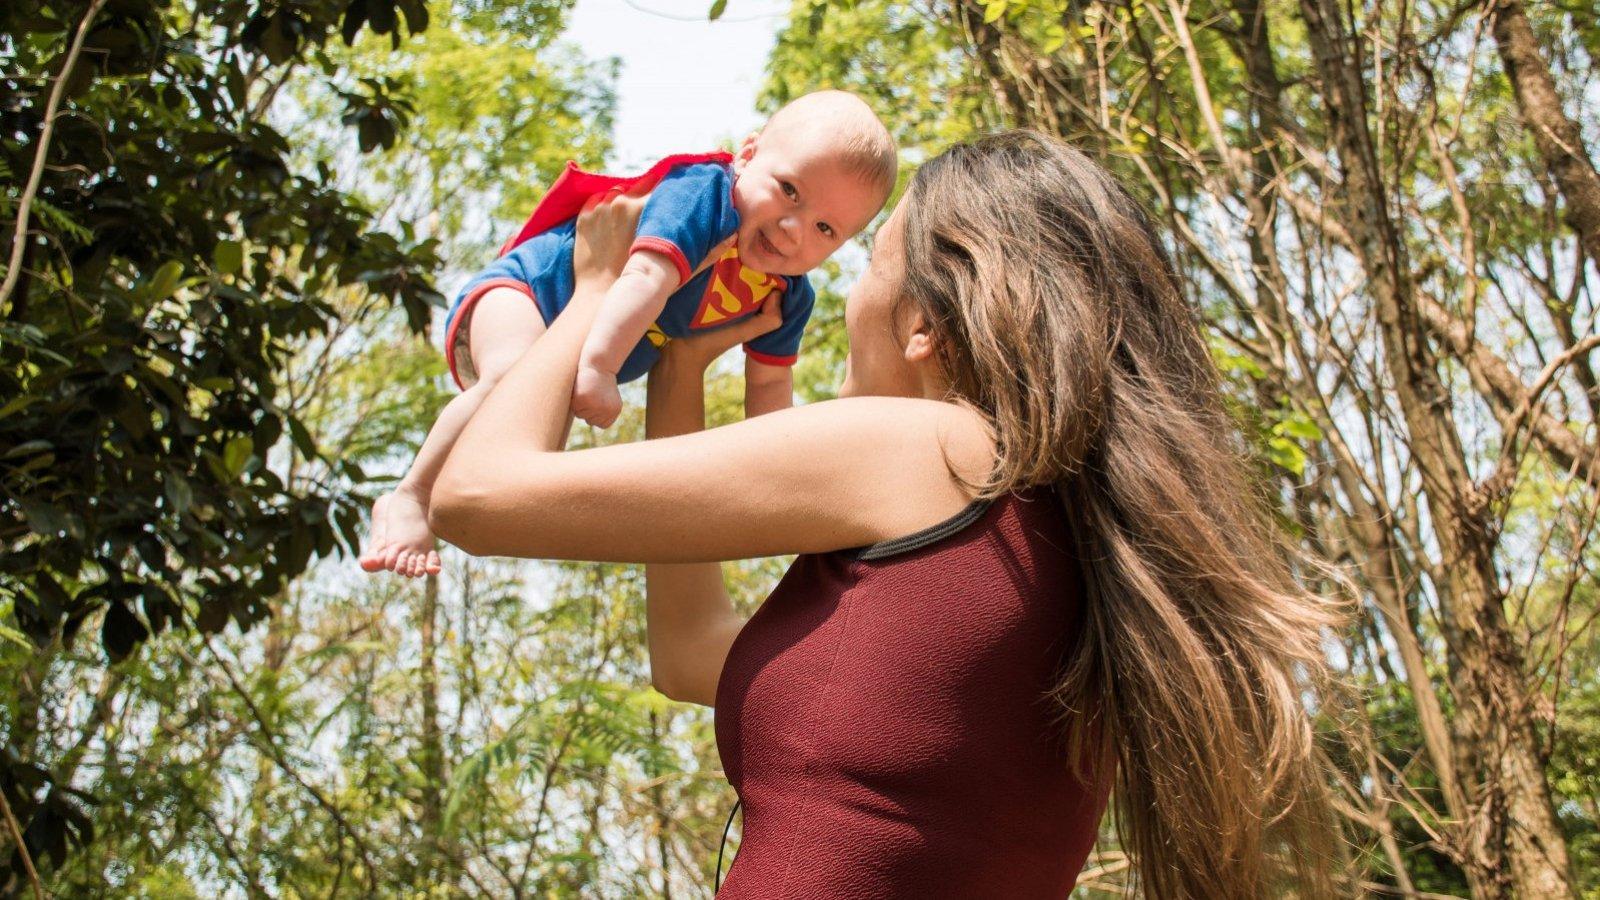 A veces no es necesario recurrir a tratamientos para quedarse embarazada rápidamente.